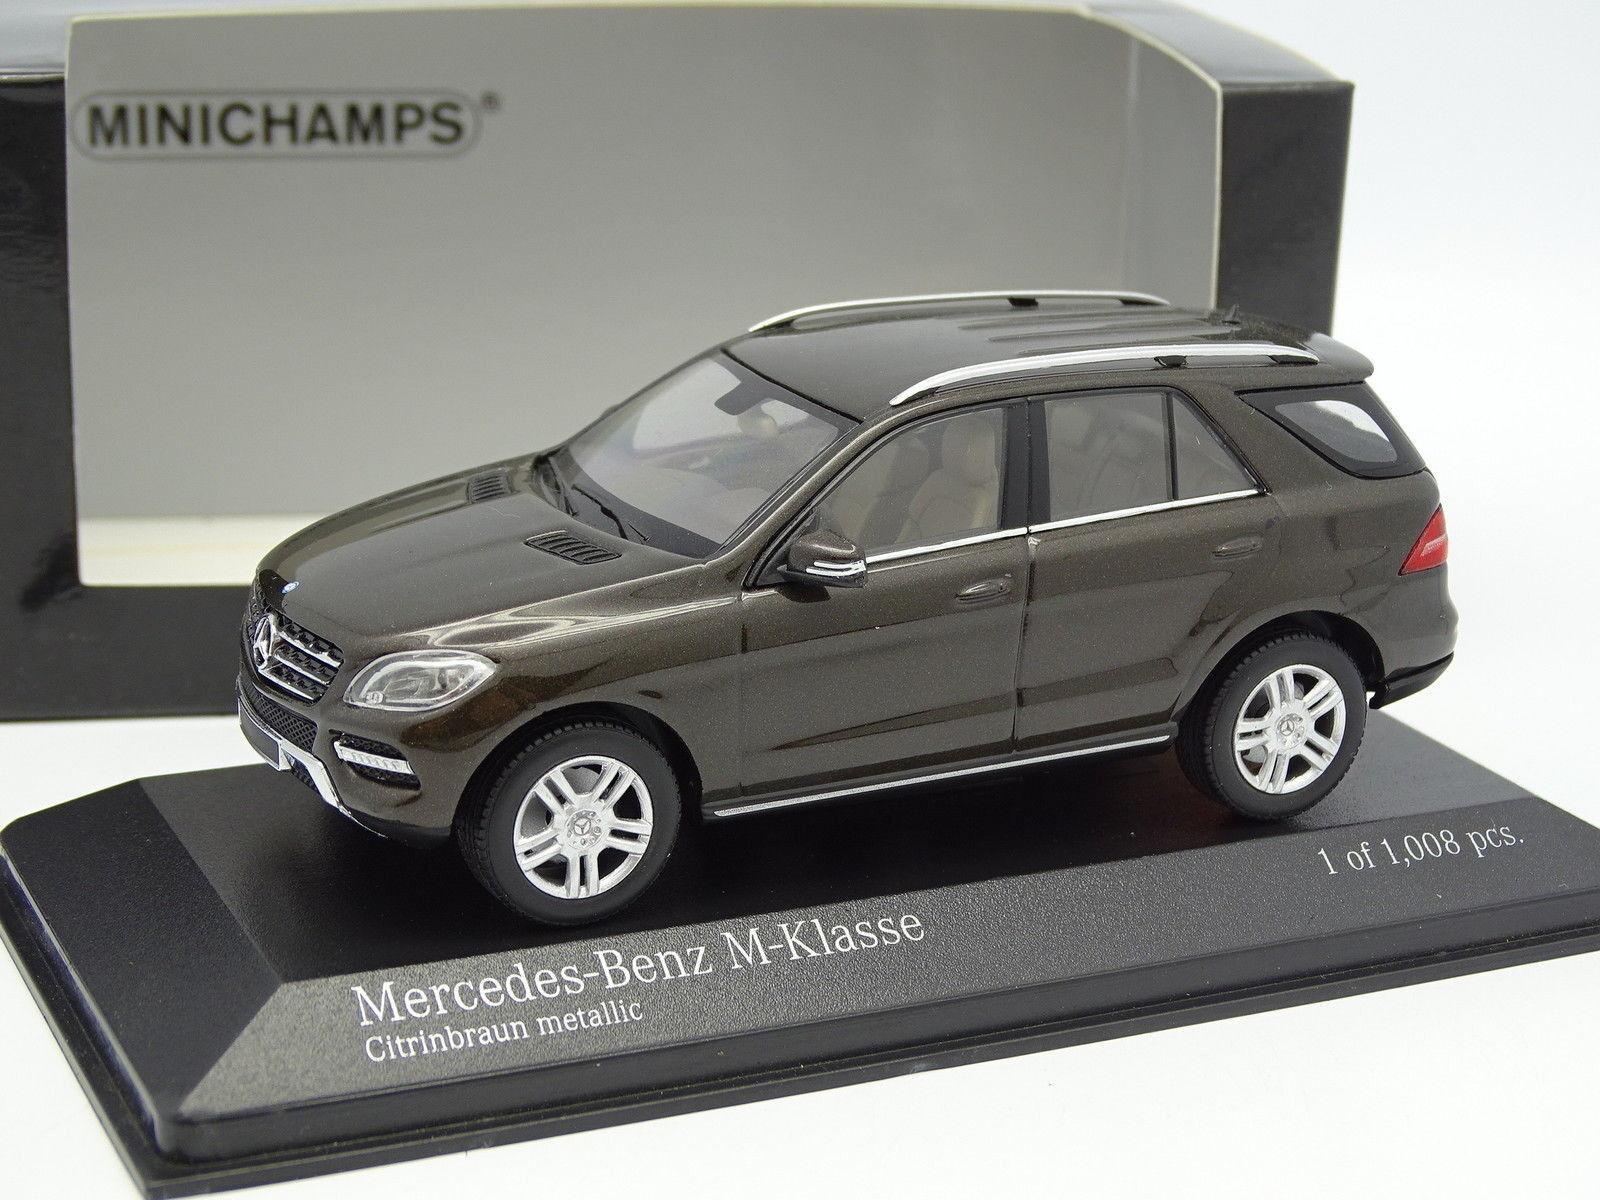 grandes ahorros Minichamps 1 43 - Mercedes Clase Clase Clase M Marrón  el mas reciente